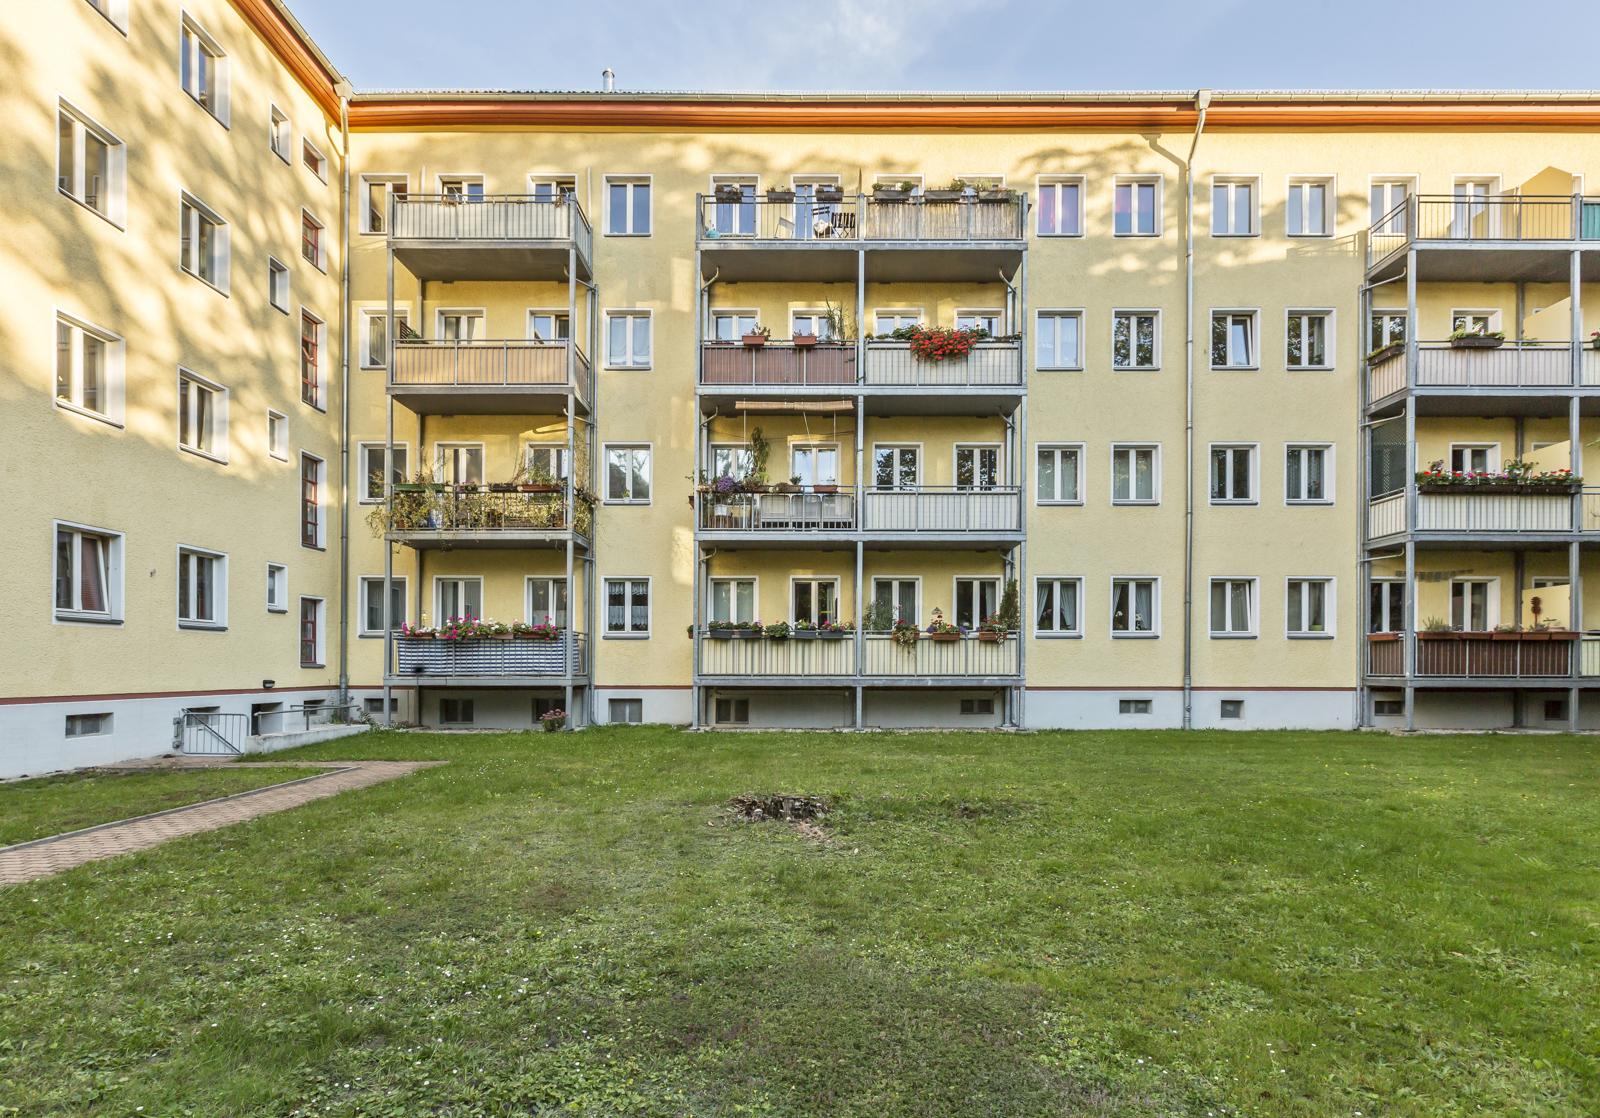 Ingo_Lawaczeck_Mähren_Lindenhoekweg_5-5